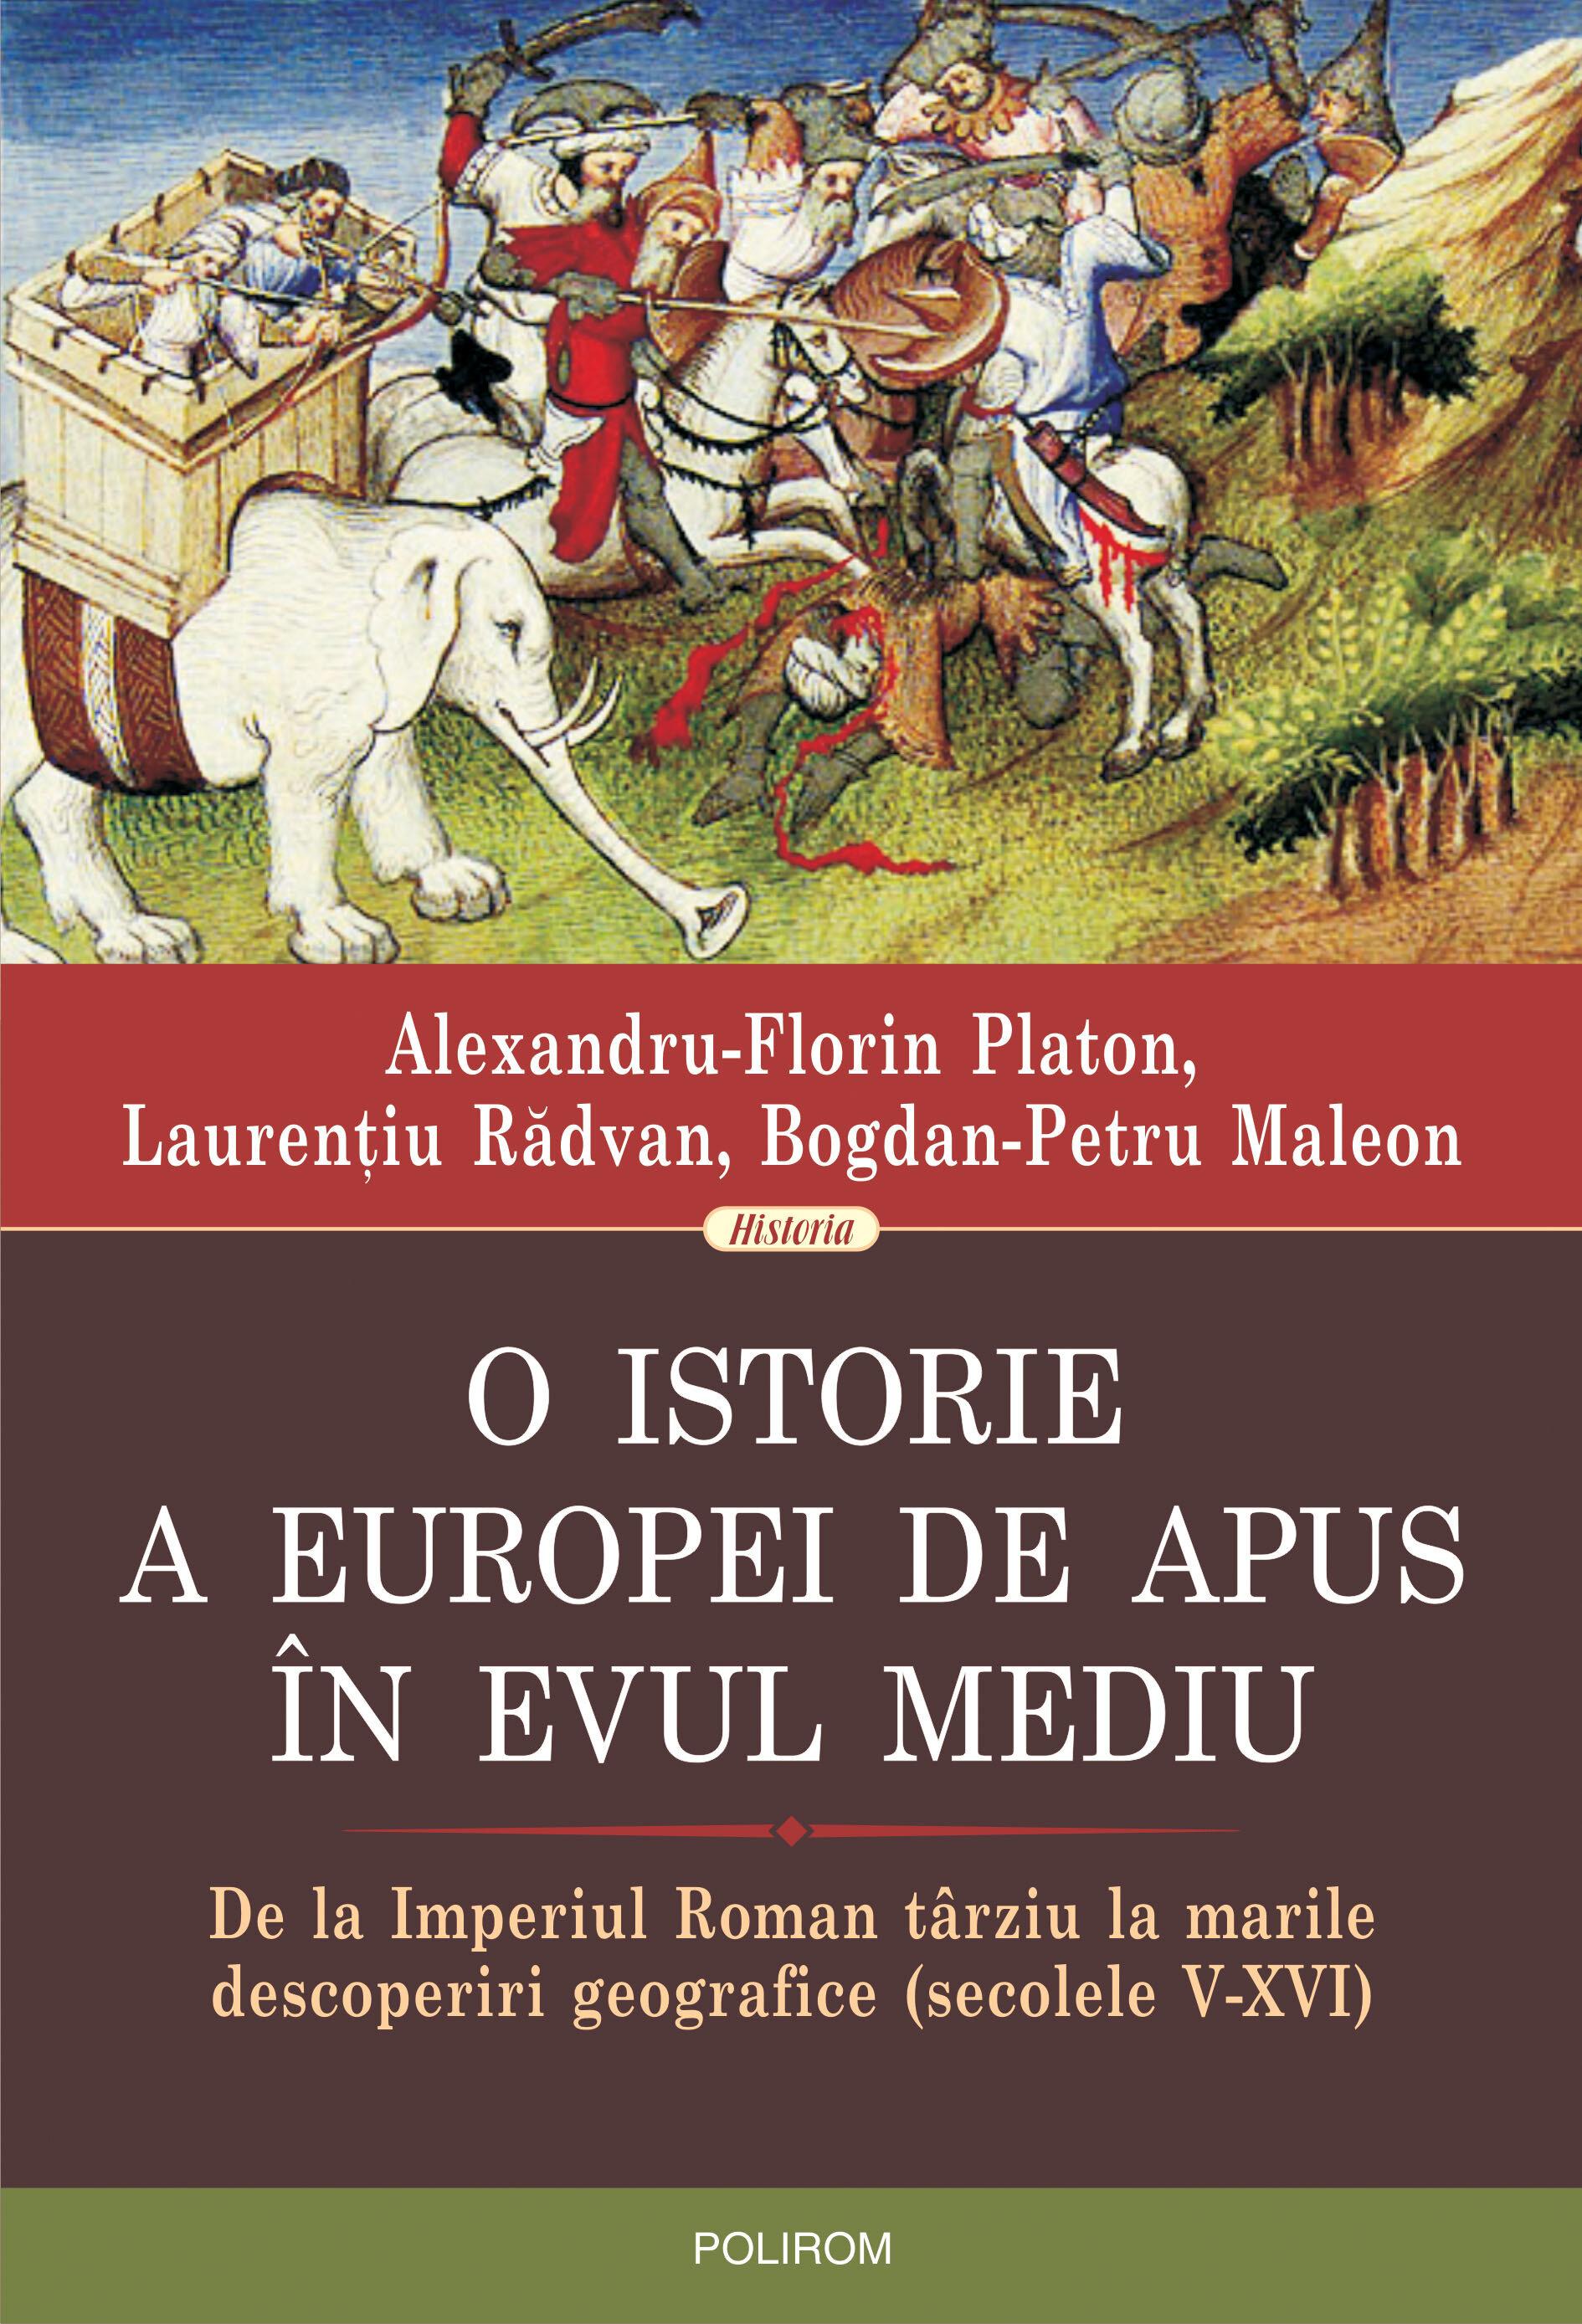 O istorie a Europei de Apus in Evul Mediu. De la Imperiul Roman tarziu la marile descoperiri geografice (secolele V-XVI) (eBook)